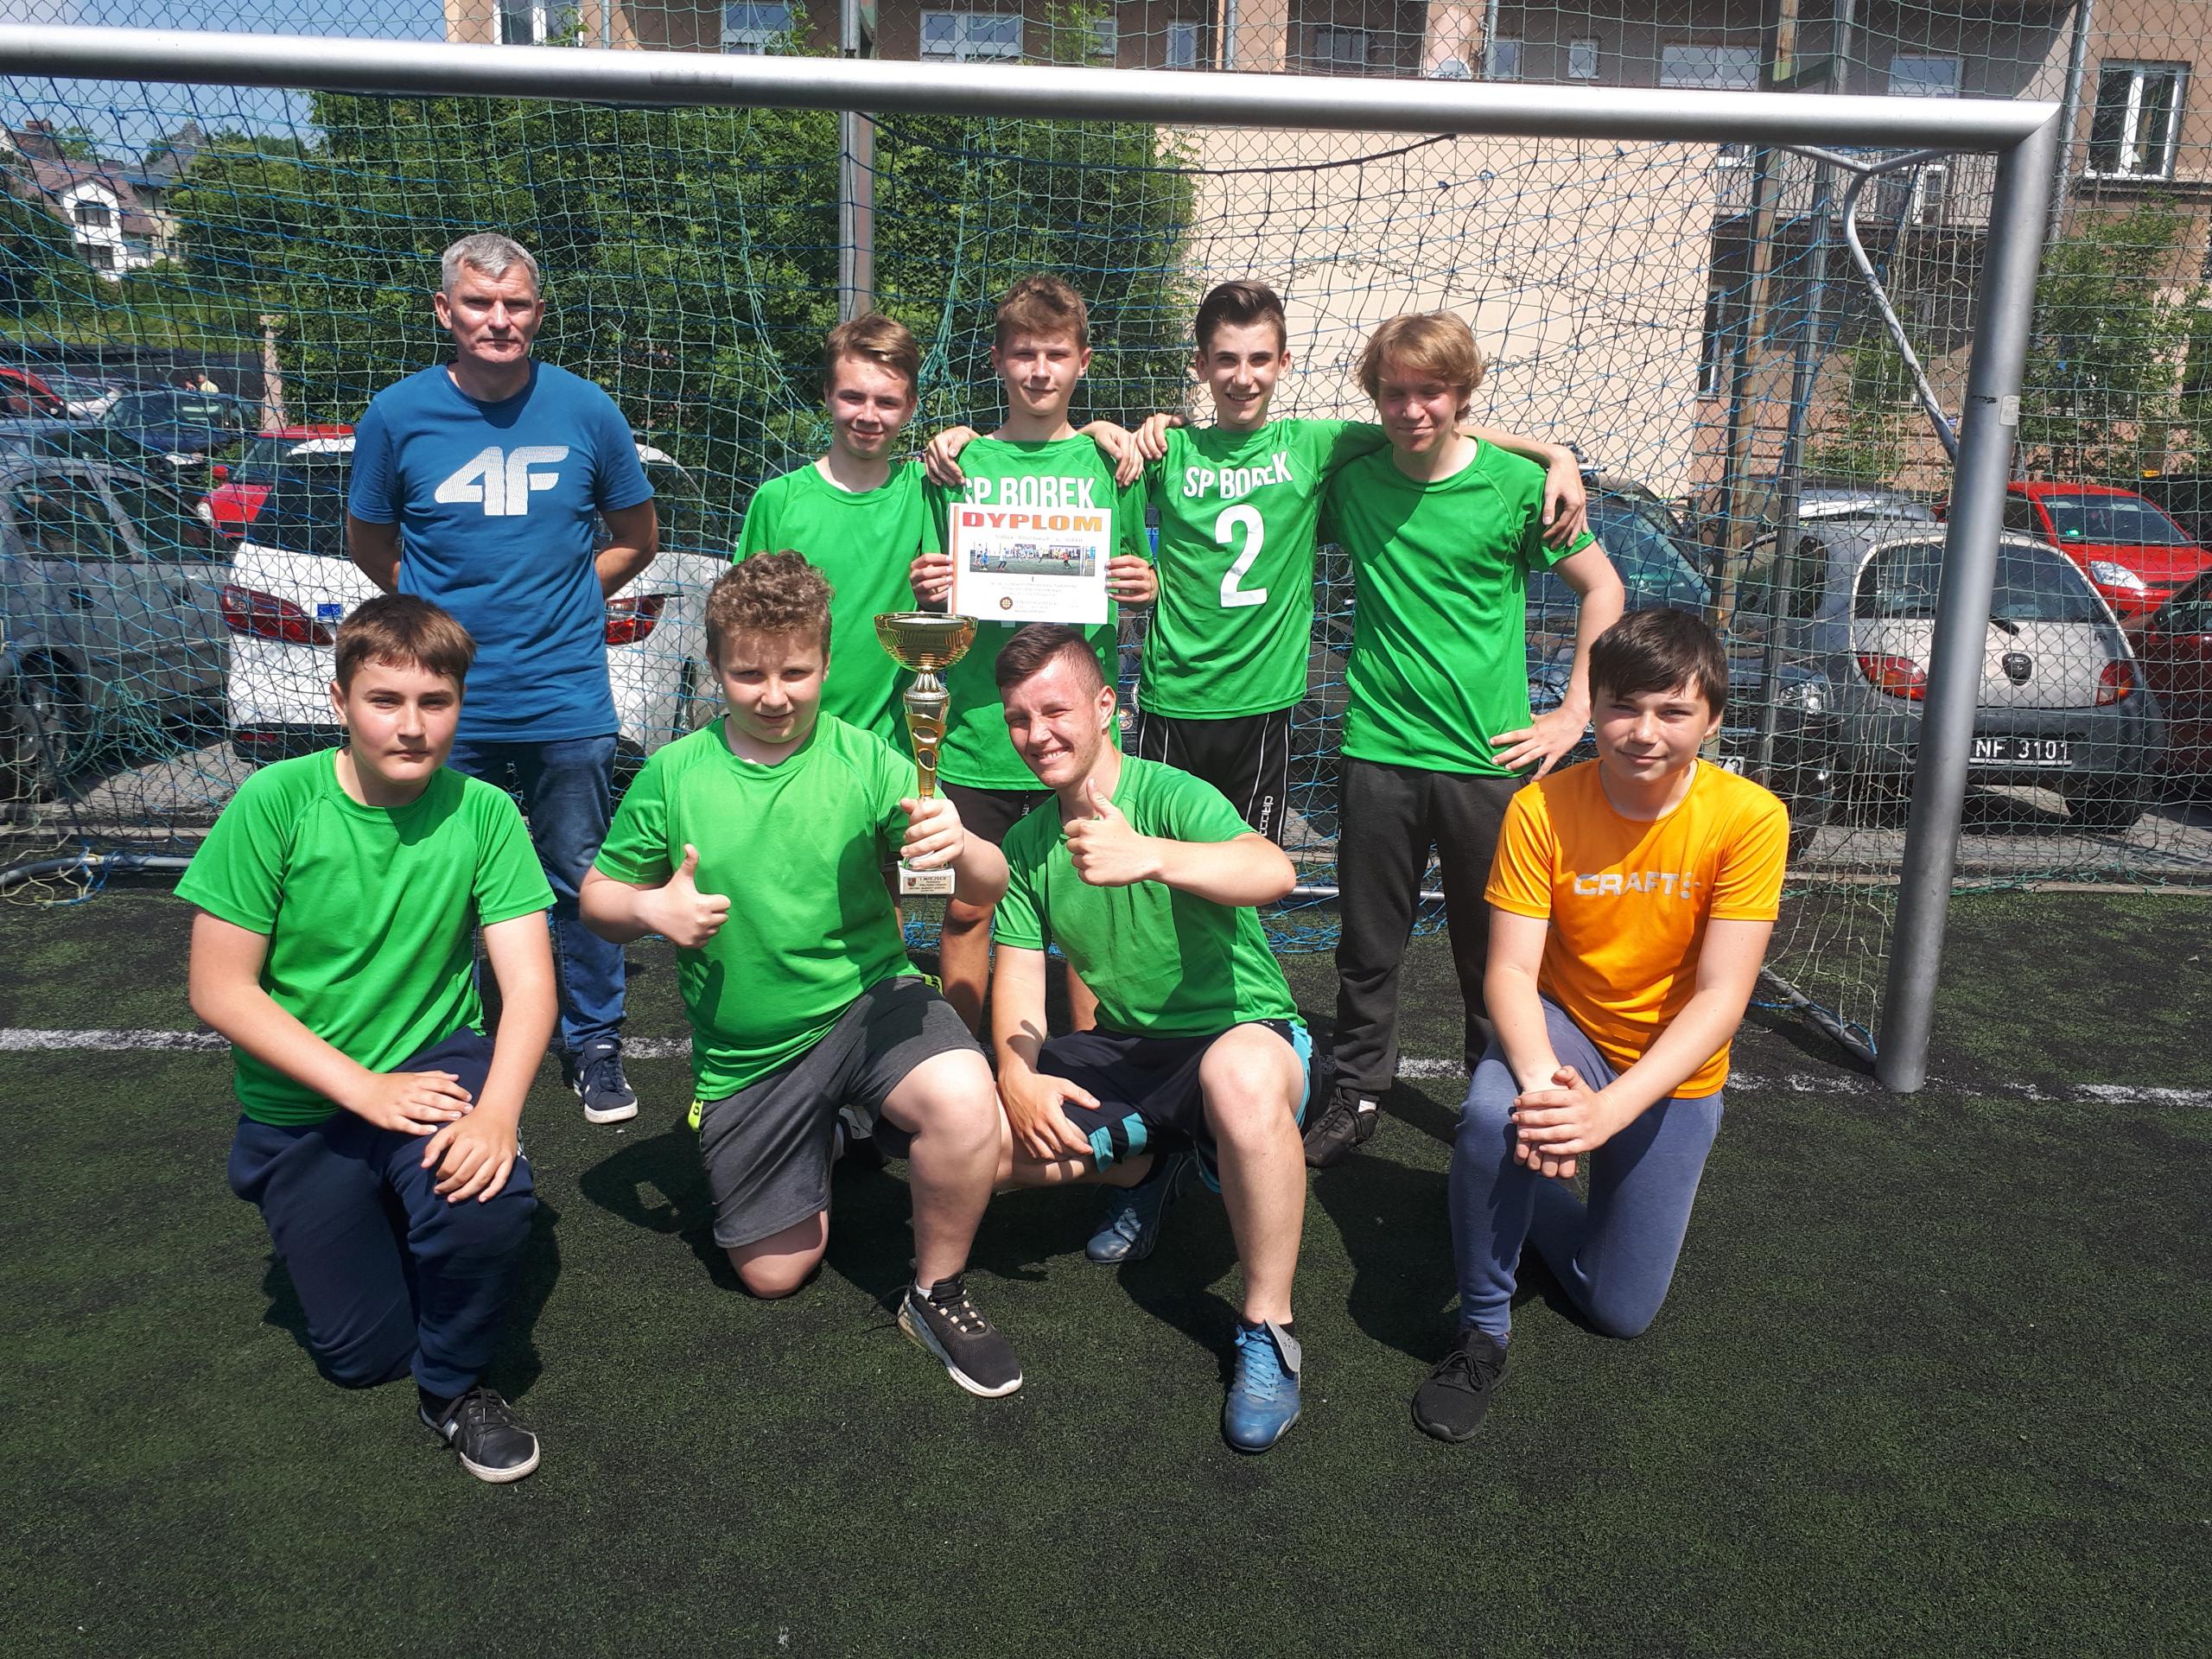 Piłka nożna chłopców – Igrzyska Młodzieży Szkolnej – zawody powiatowe